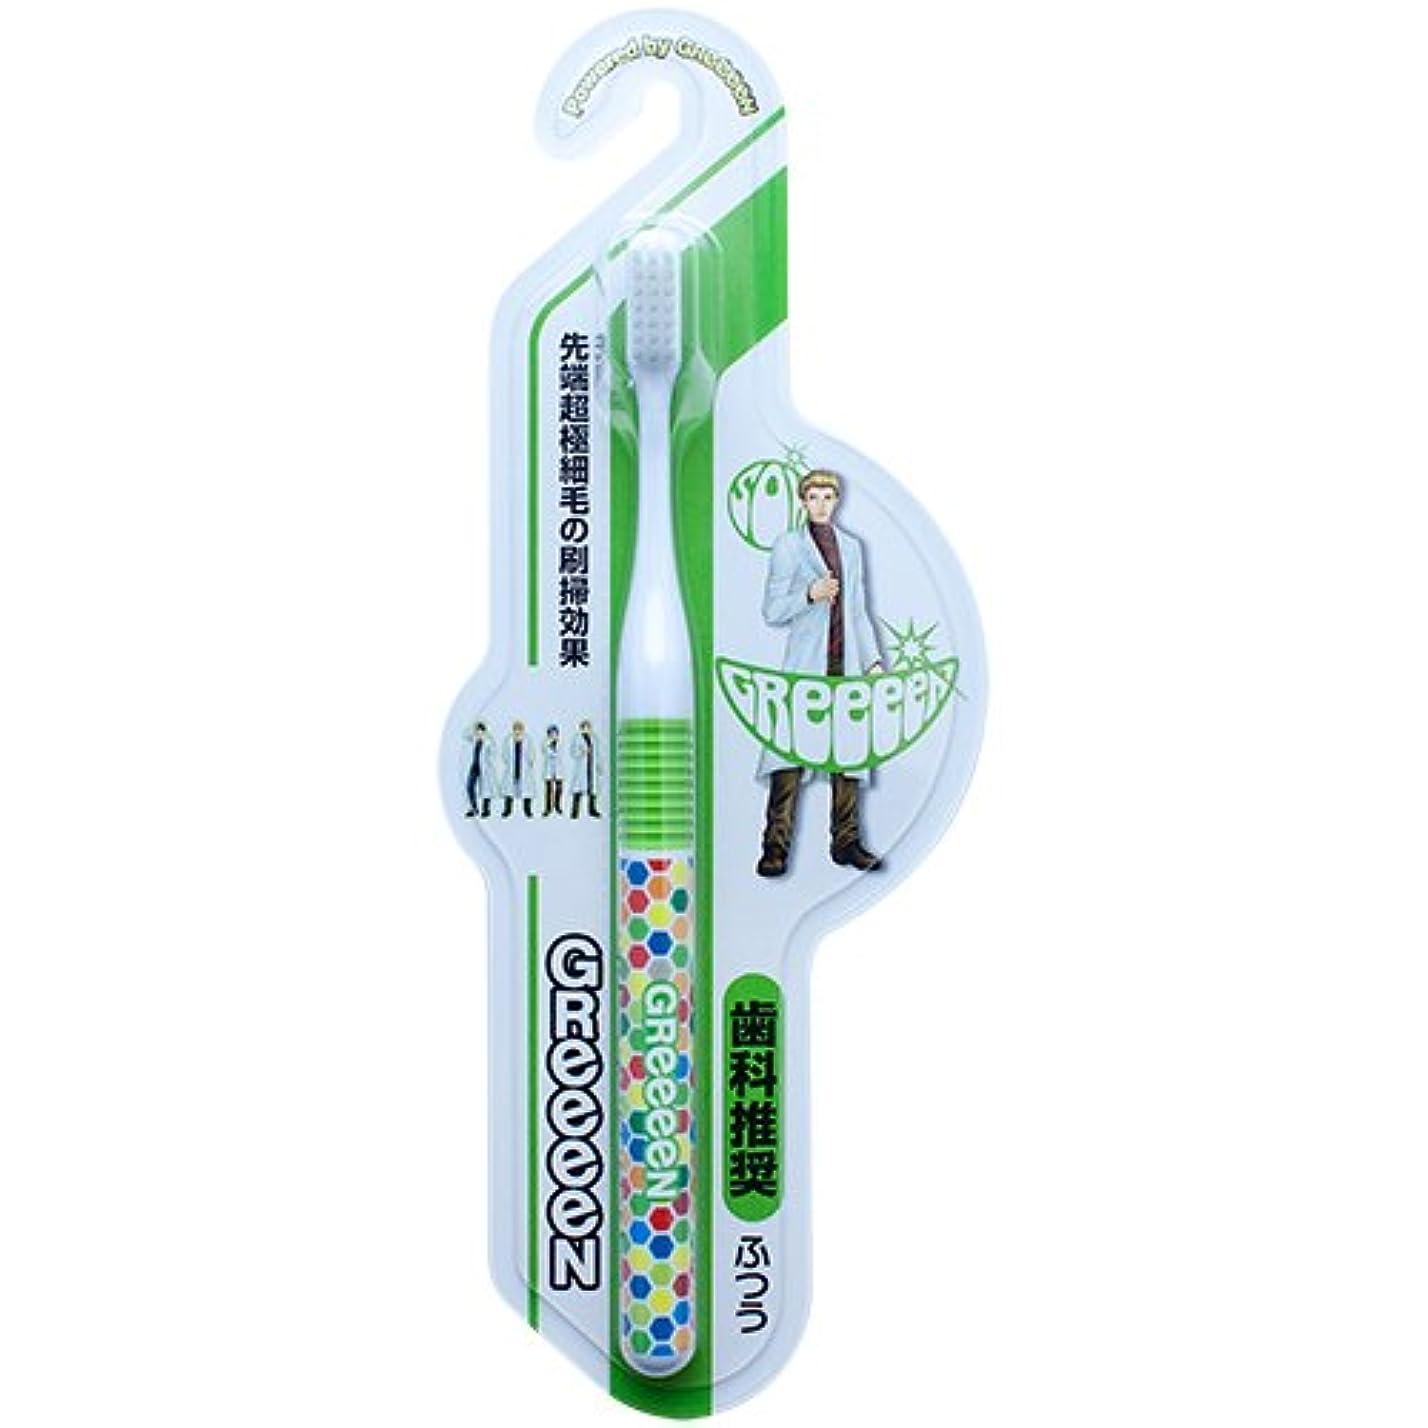 透けて見えるクレーターにおいGReeeeN 3列ヘッドラバーグリップ超極細毛歯ブラシ SIRO SOH 1本